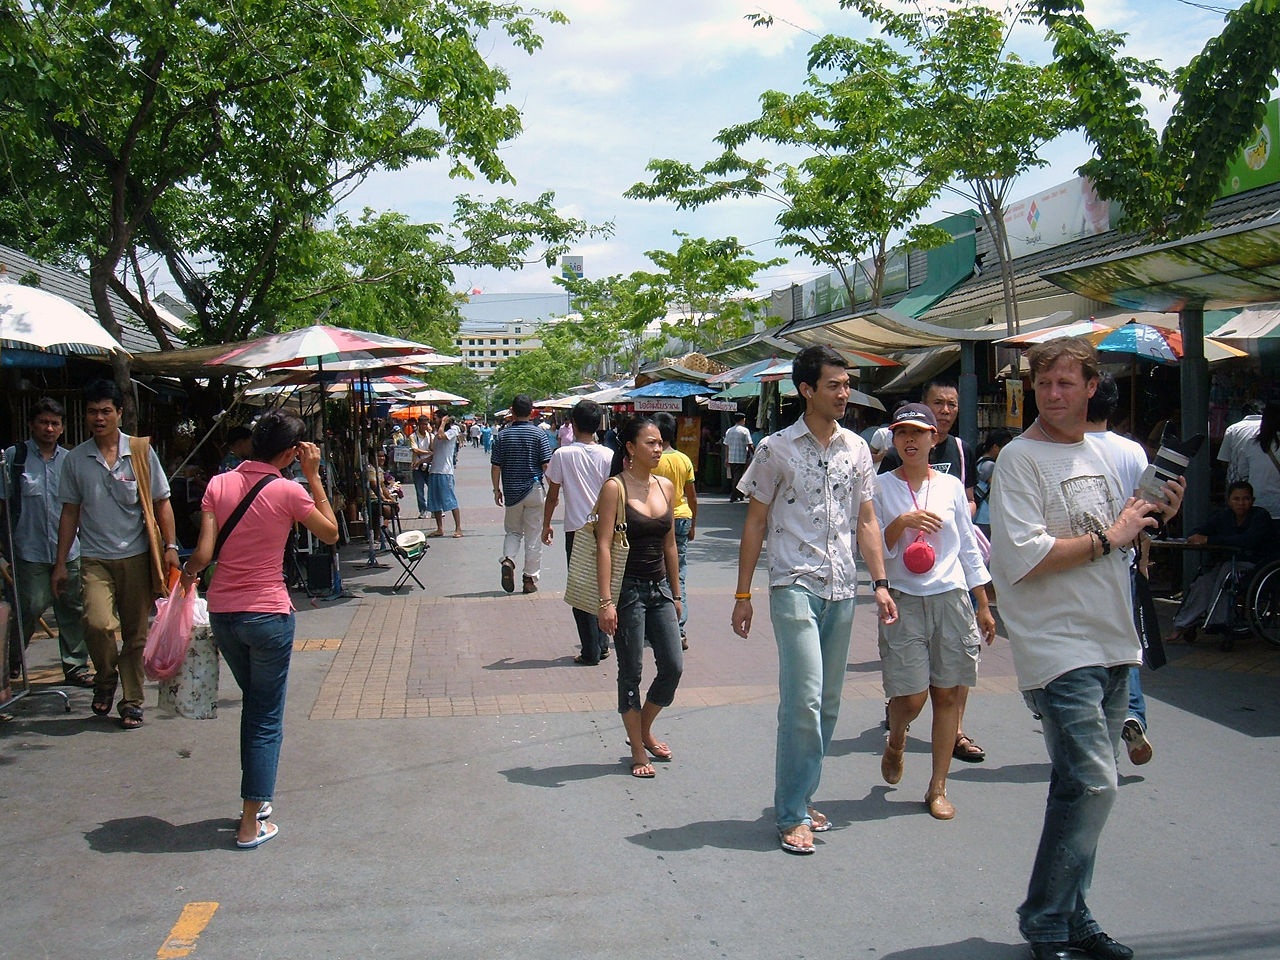 【 旅遊泰語 】購物殺價實用泰文! 第一次去泰國就暢行無阻!